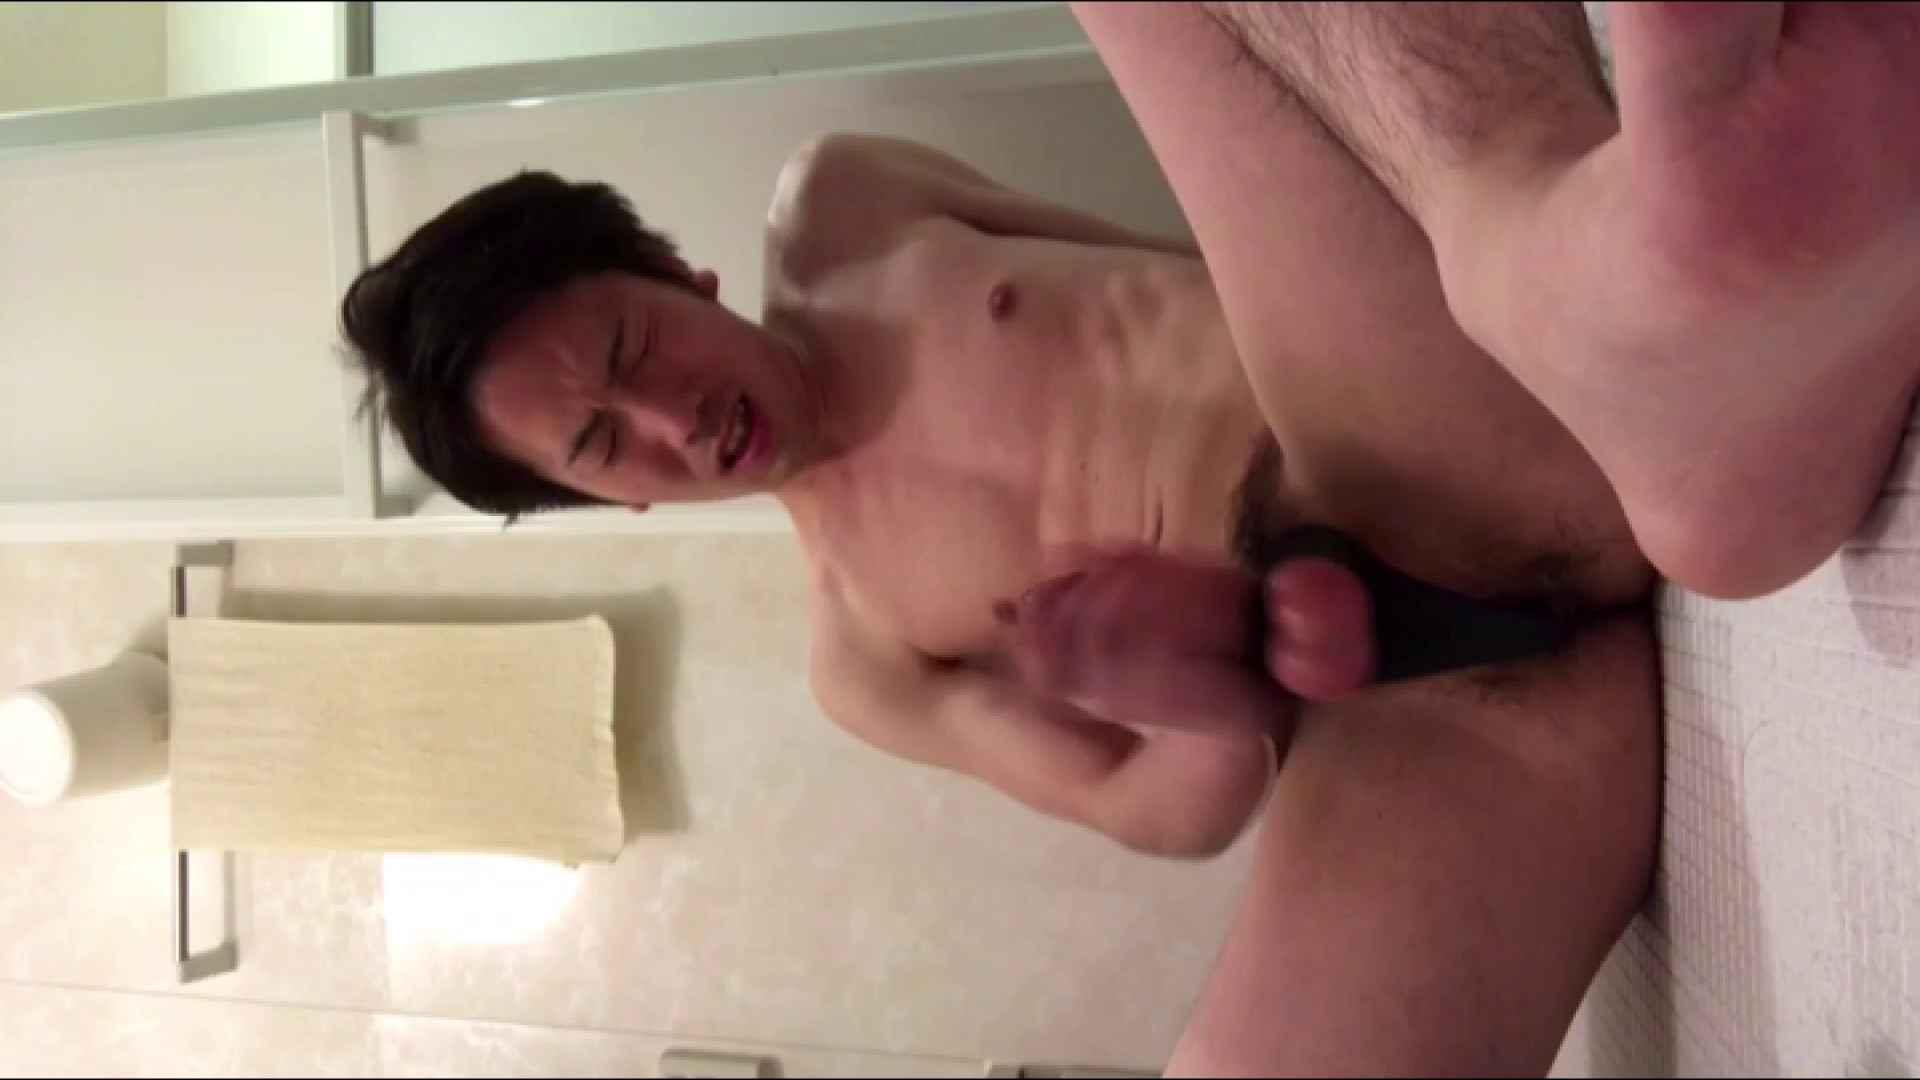 ゲイザーメン動画|お願いっ!僕のオナニー見て下さい♪Vol.27|手コキ